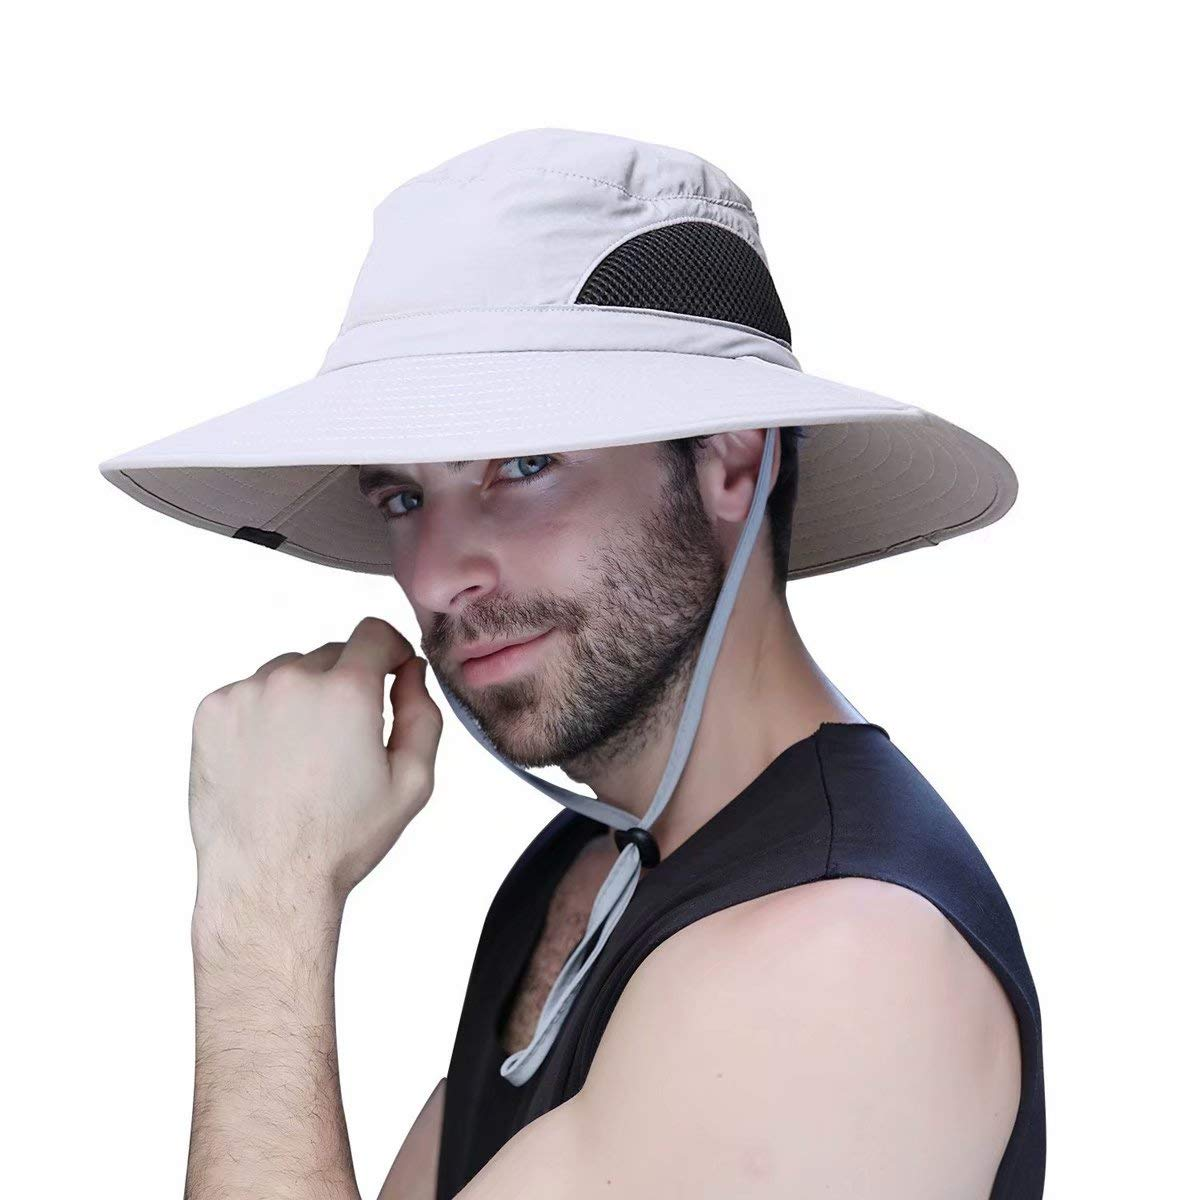 Sombrero Hombre Verano Pescar Excursionismo Pescador de ala Ancha Plegable y Impermeable para el Sol Sombrero de ala Ancha UPF 50+ Anglerhüte